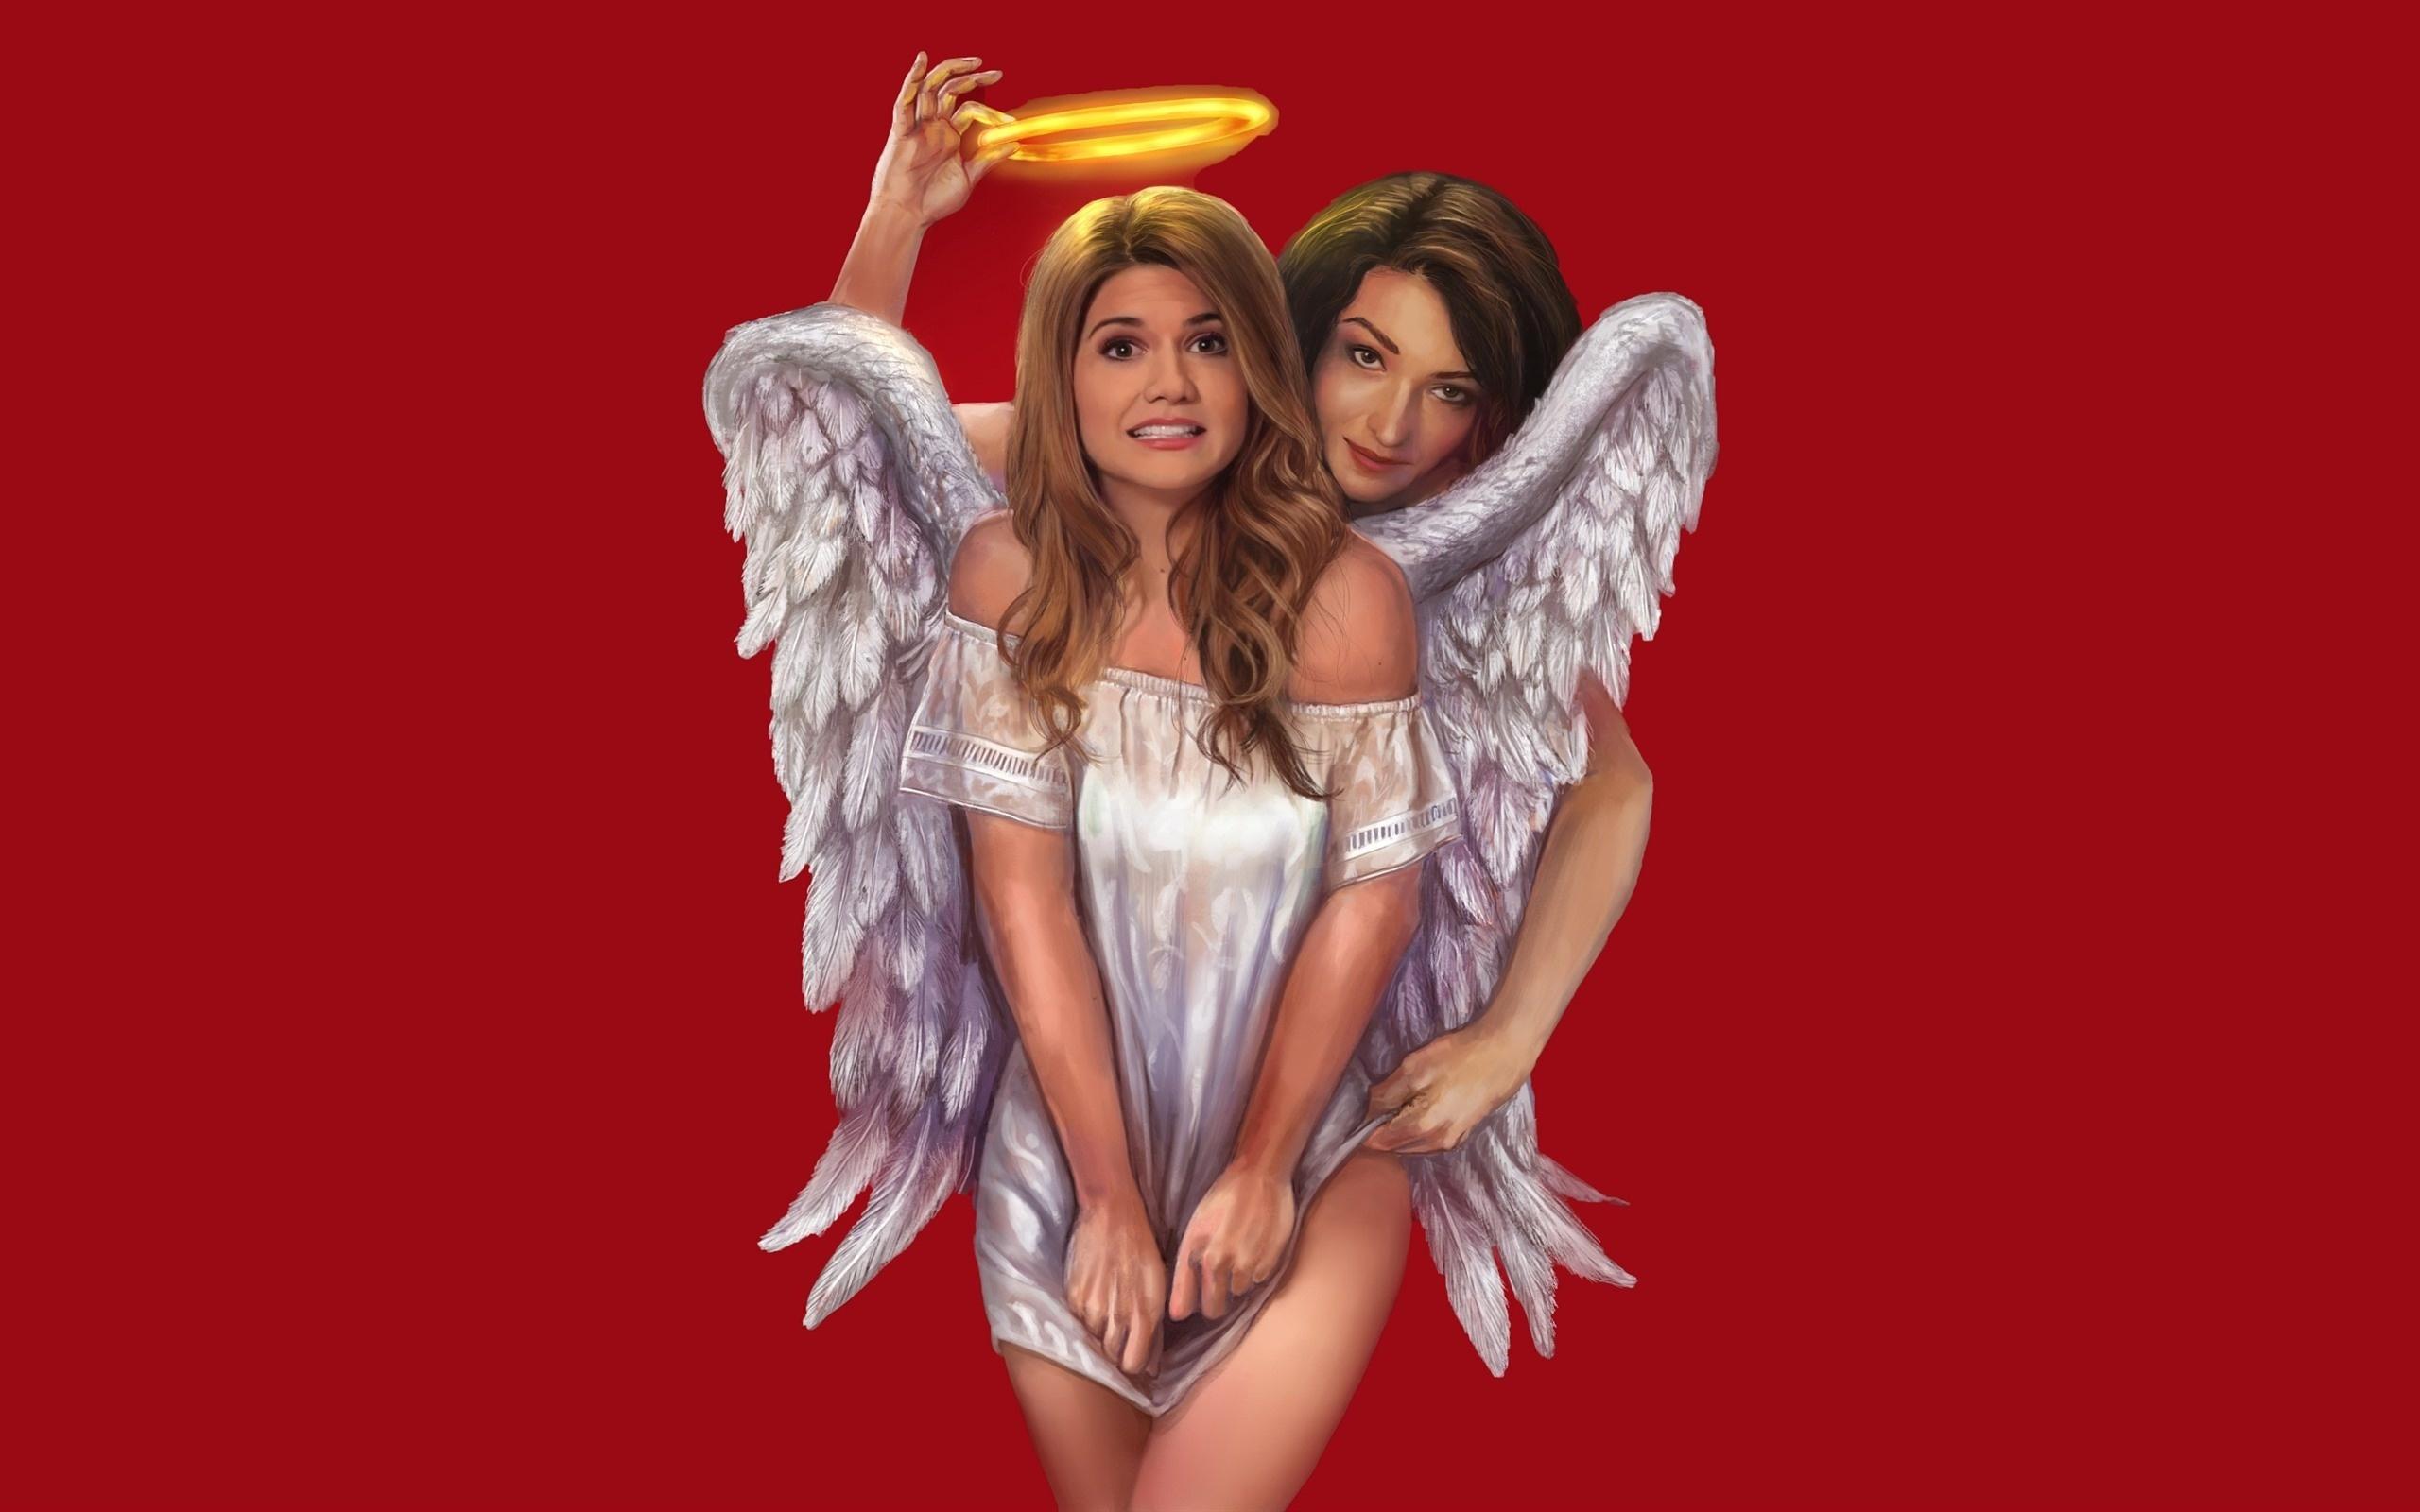 картинки на рабочий фон ангелов глобальном